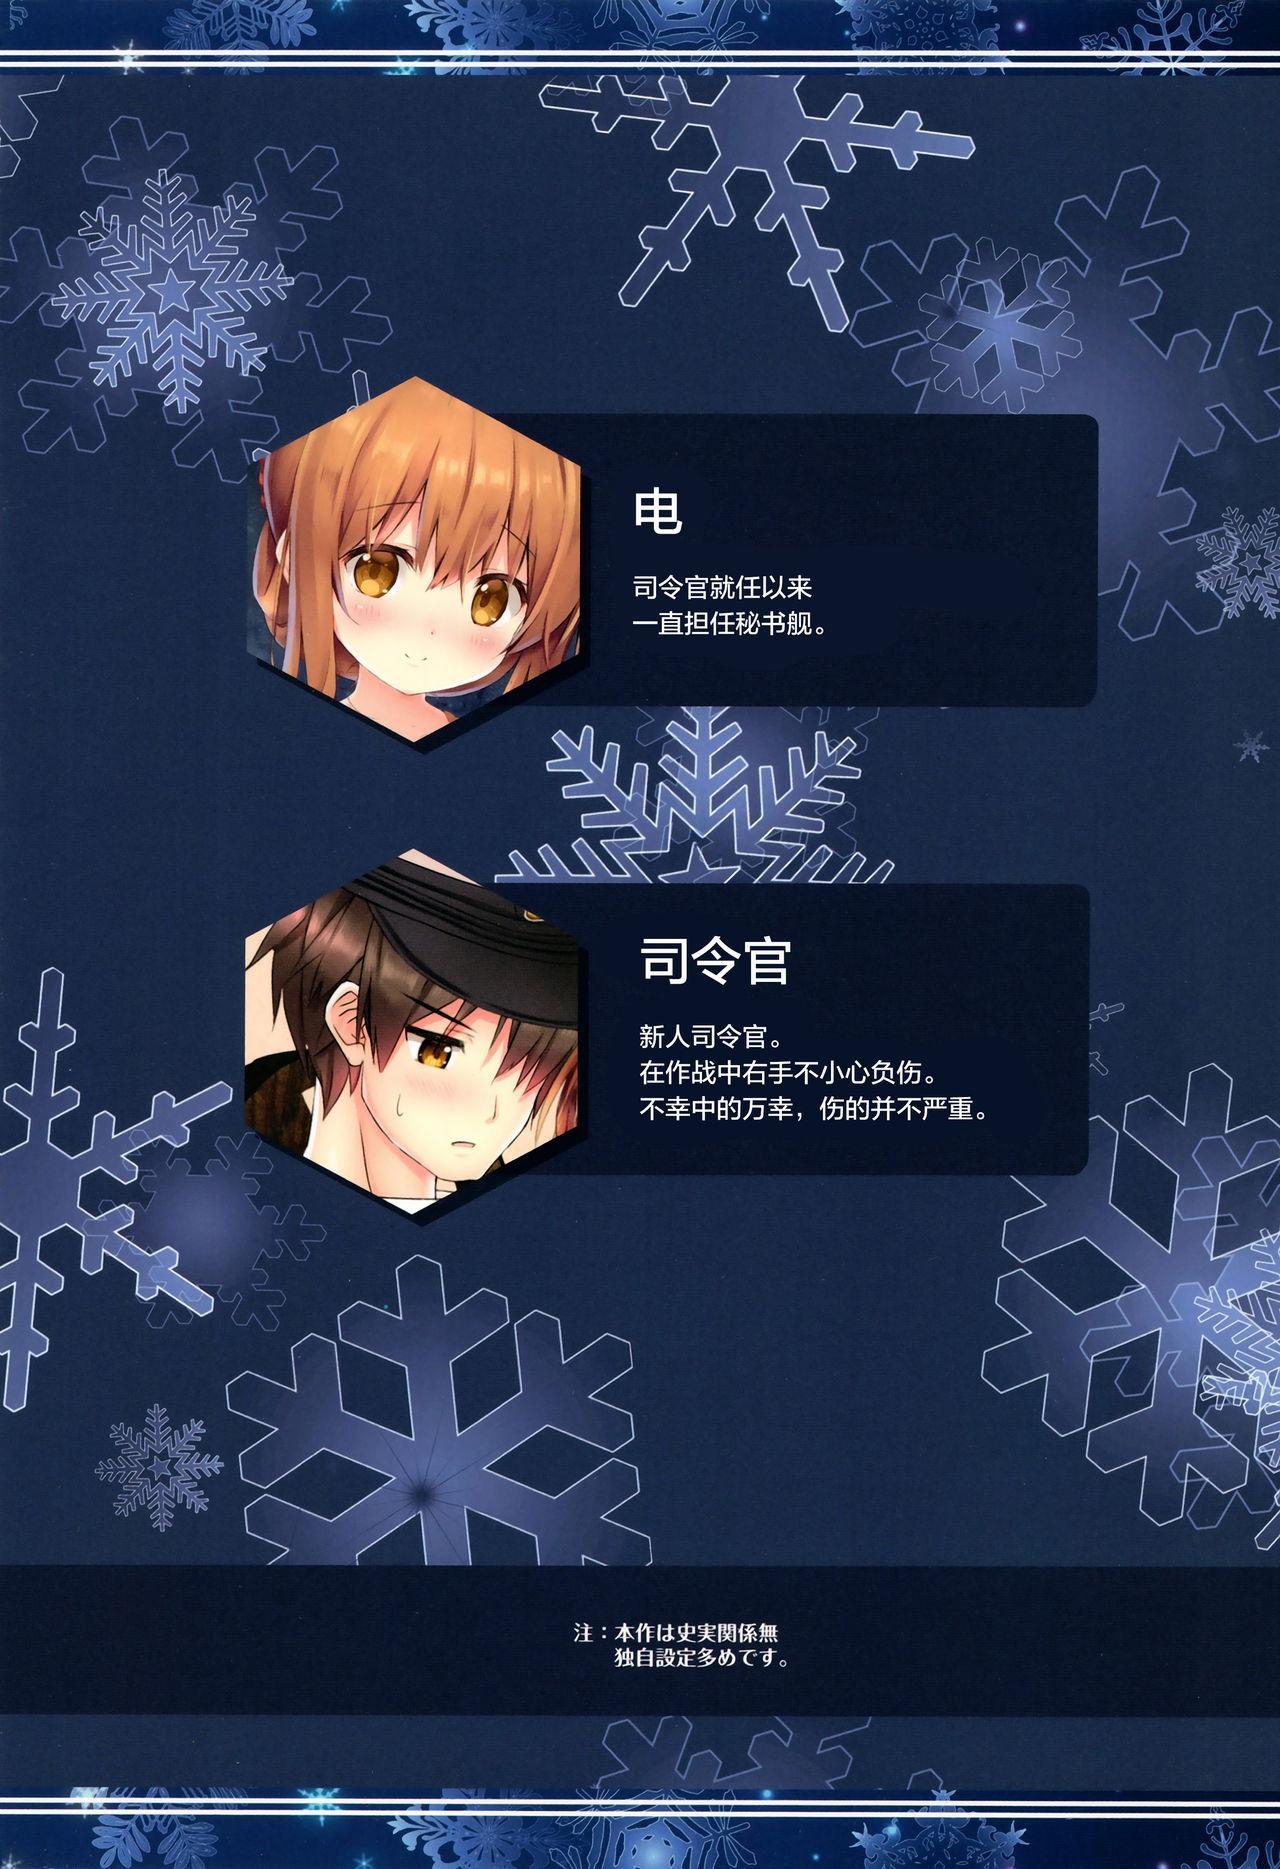 Inazuma to Issho ni Nyuukyo nano desu! 3